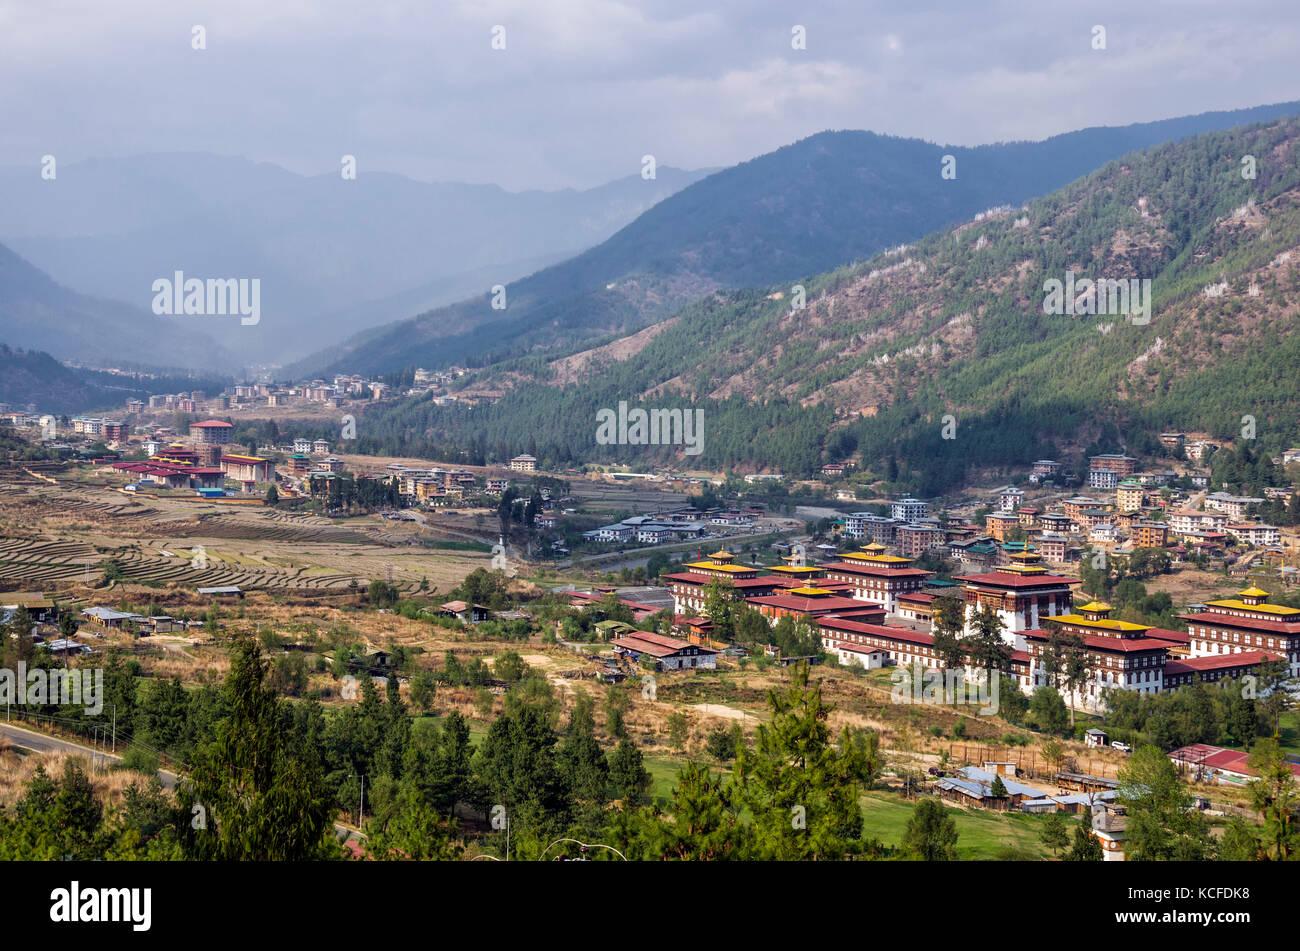 Trashi chhoe dzong et paysage de villages agricoles paddy, Thimphu, Bhoutan - trashi chhoe Dzong, le palais royal Photo Stock